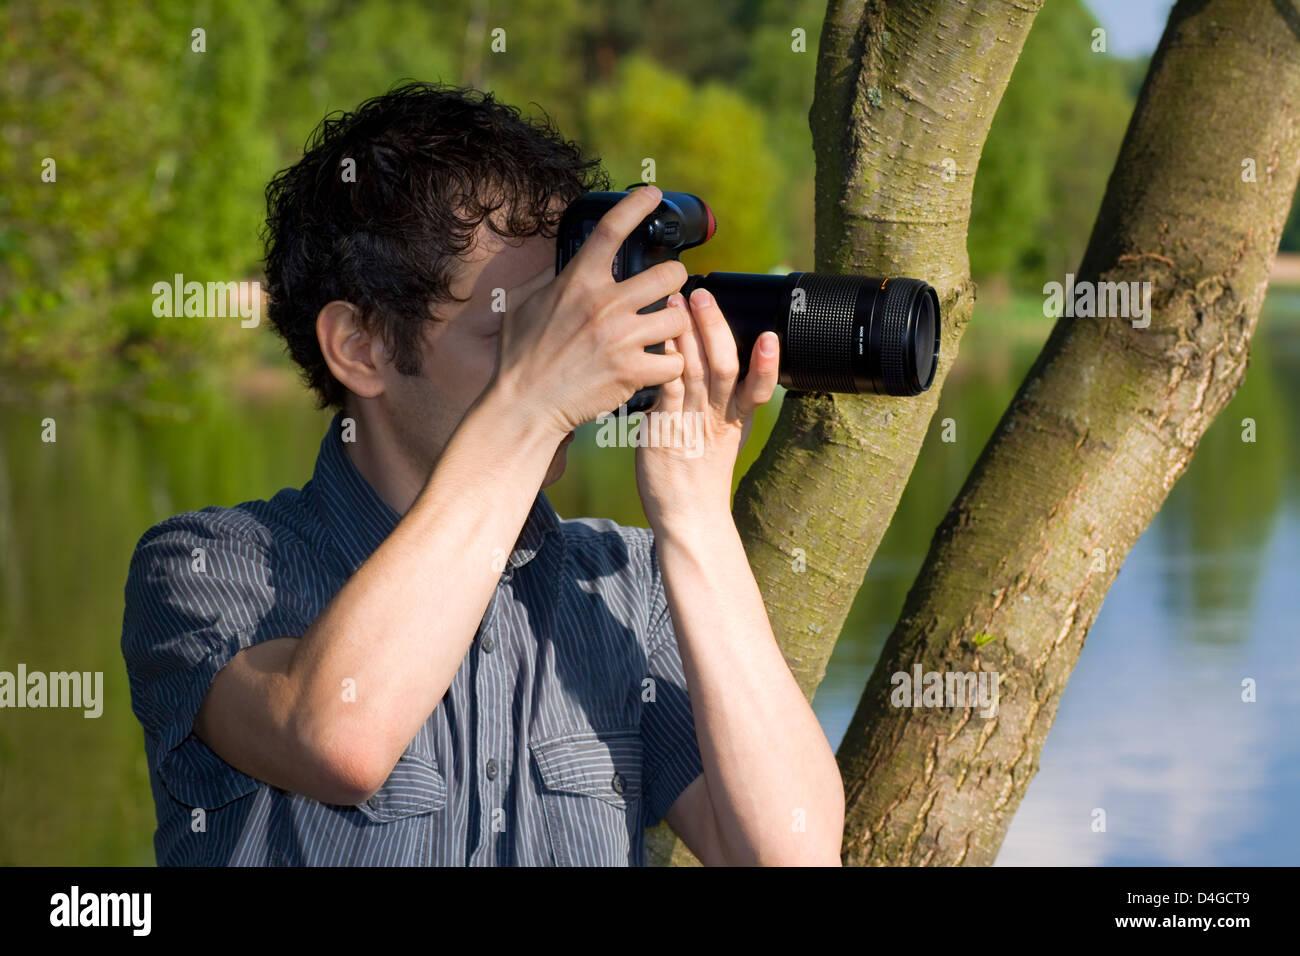 Photographe sournois se son tir de la nature Photo Stock